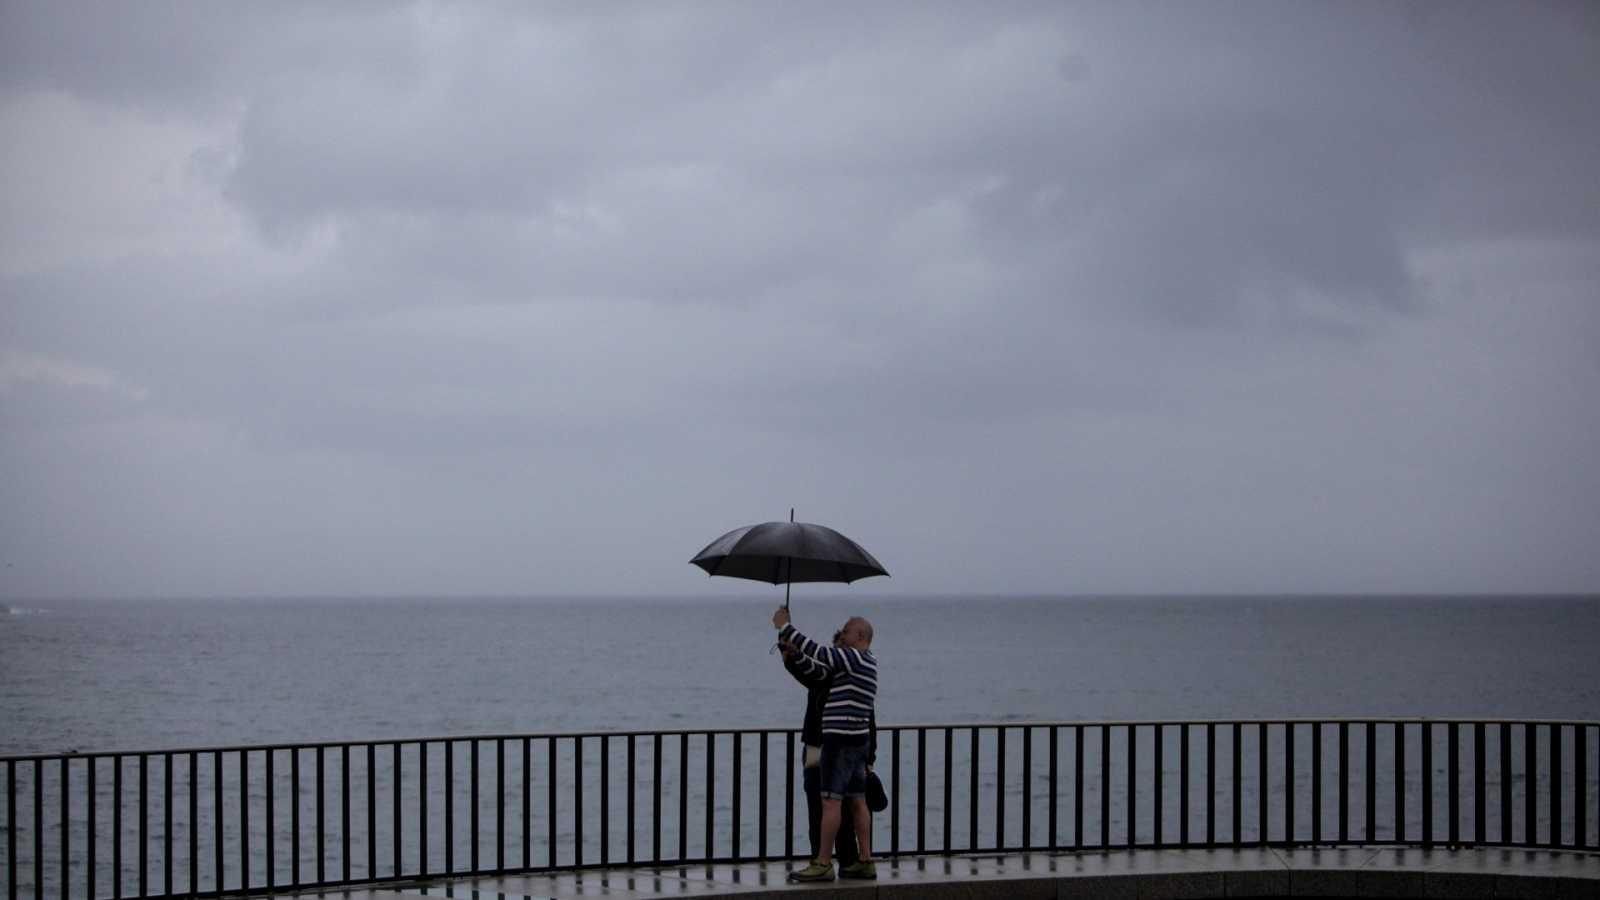 La borrasca 'Alex' entra en España: lluvia, vientos de 100 kilómetros por hora y desplome de las temperaturas